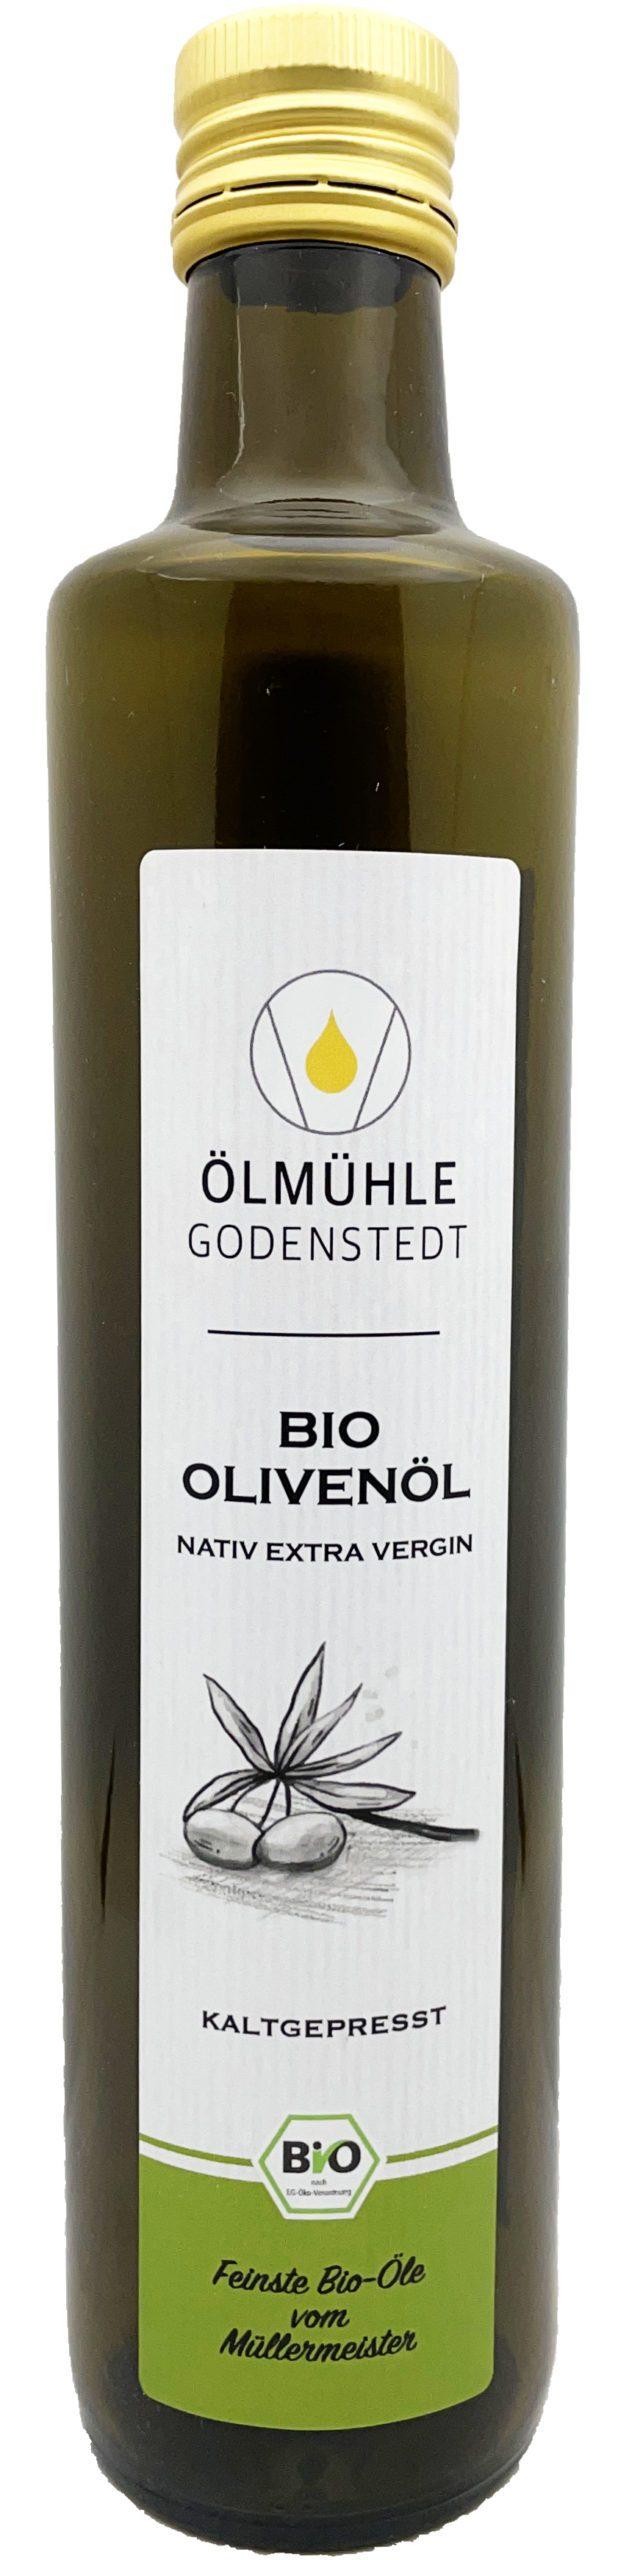 Bio Olivenöl aus Spanien